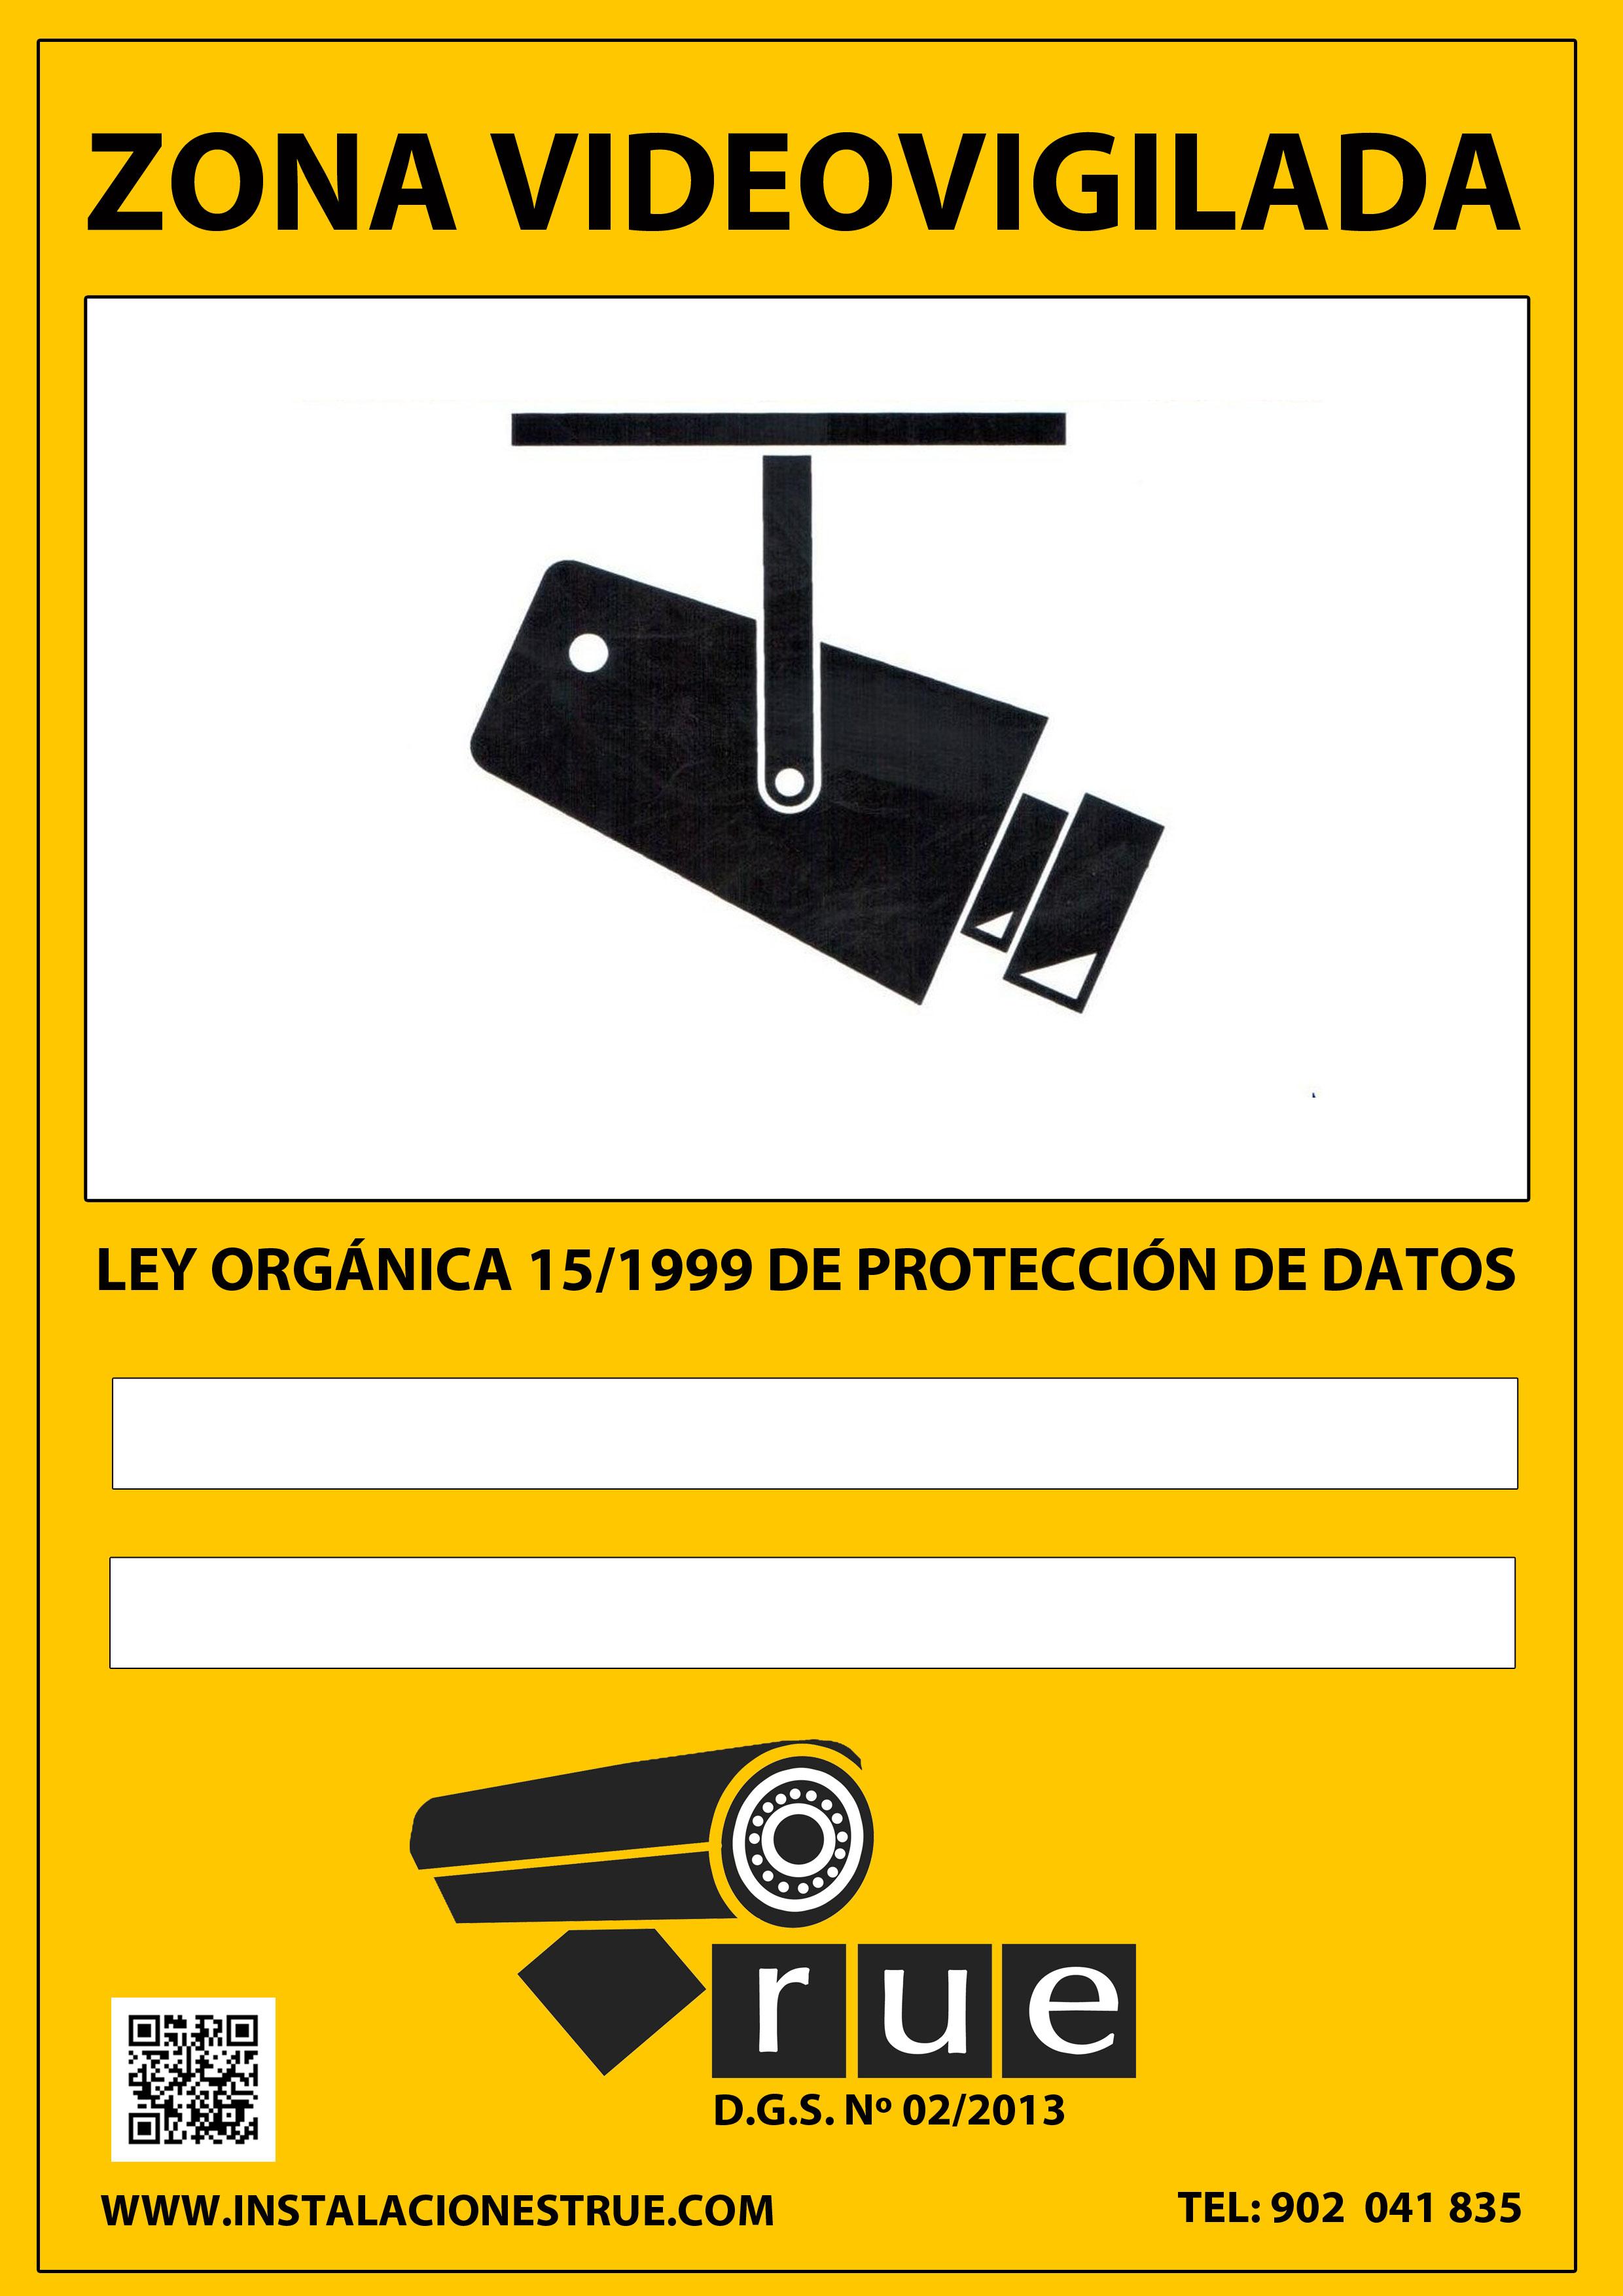 Alarmas y seguridad instalaciones true s l - Cartel zona videovigilada ...